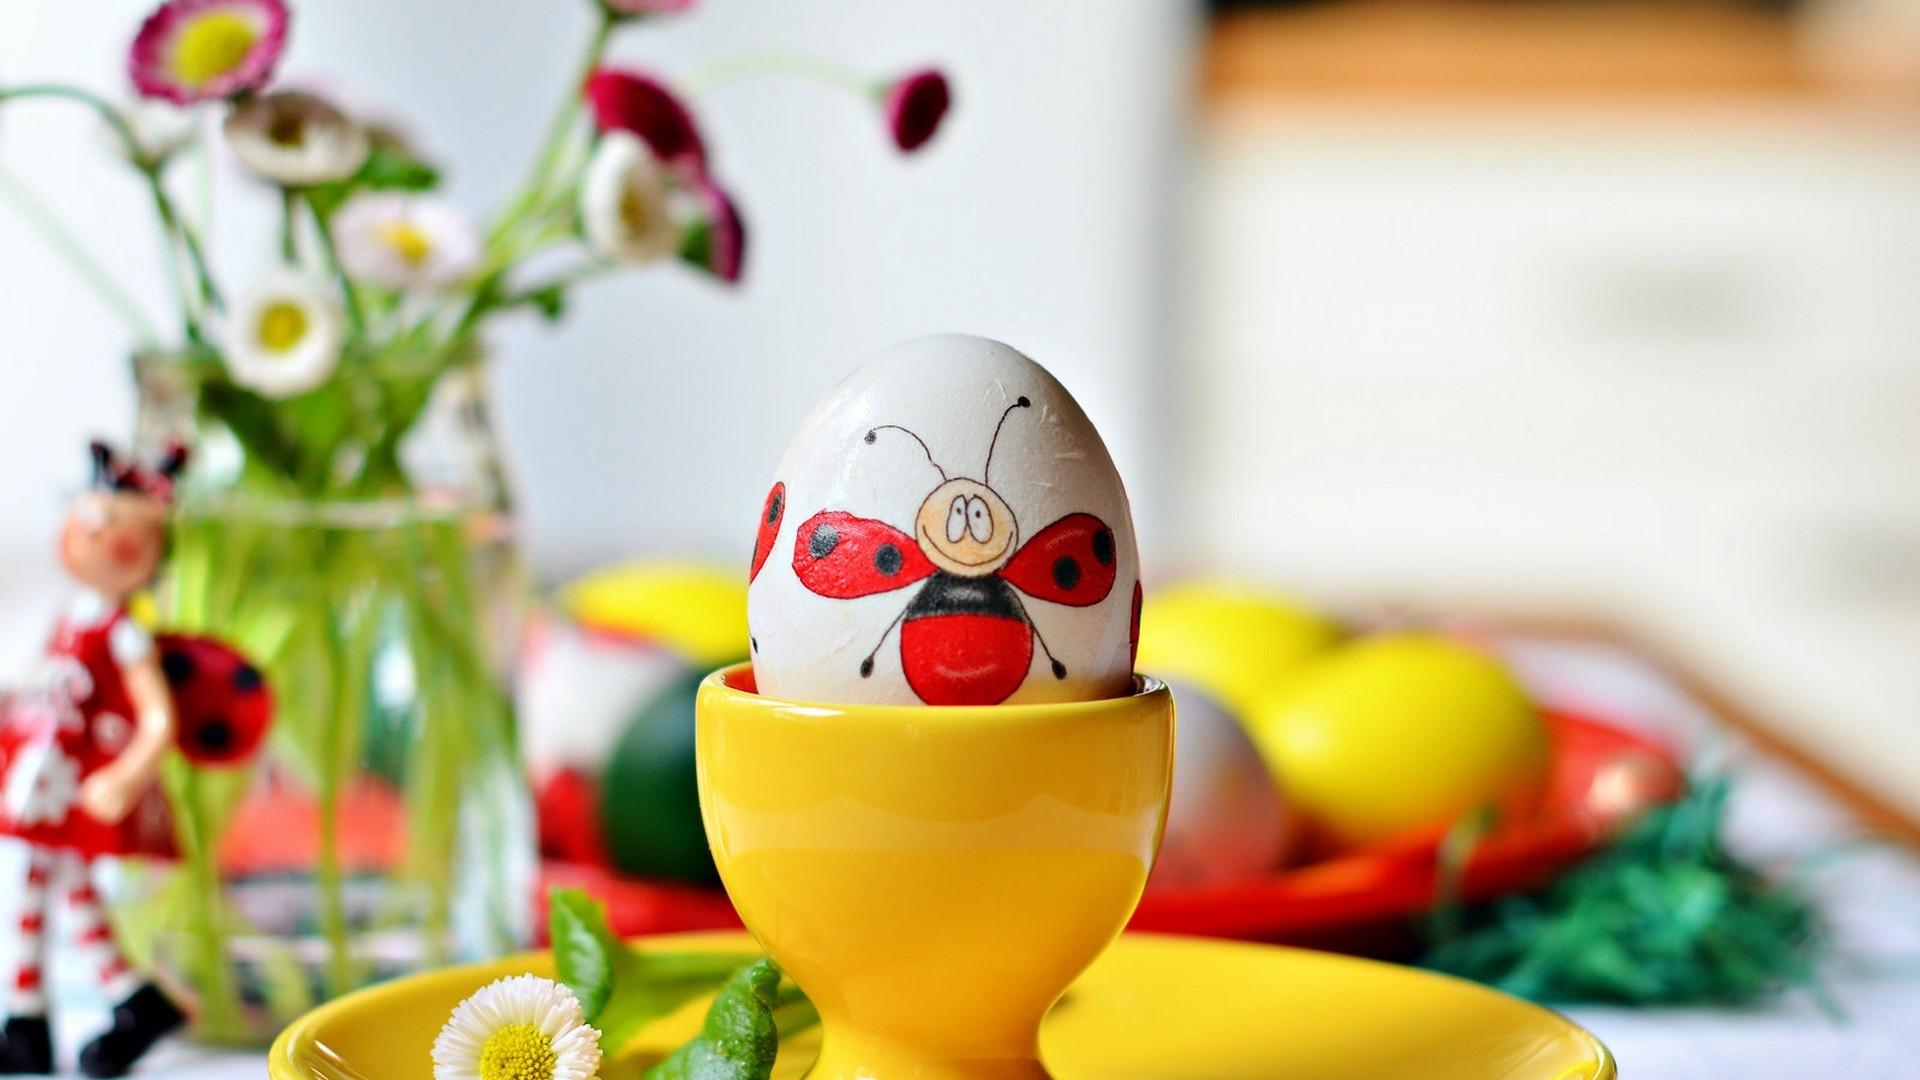 Easter desktop backgrounds 66 images - Easter desktop wallpaper ...